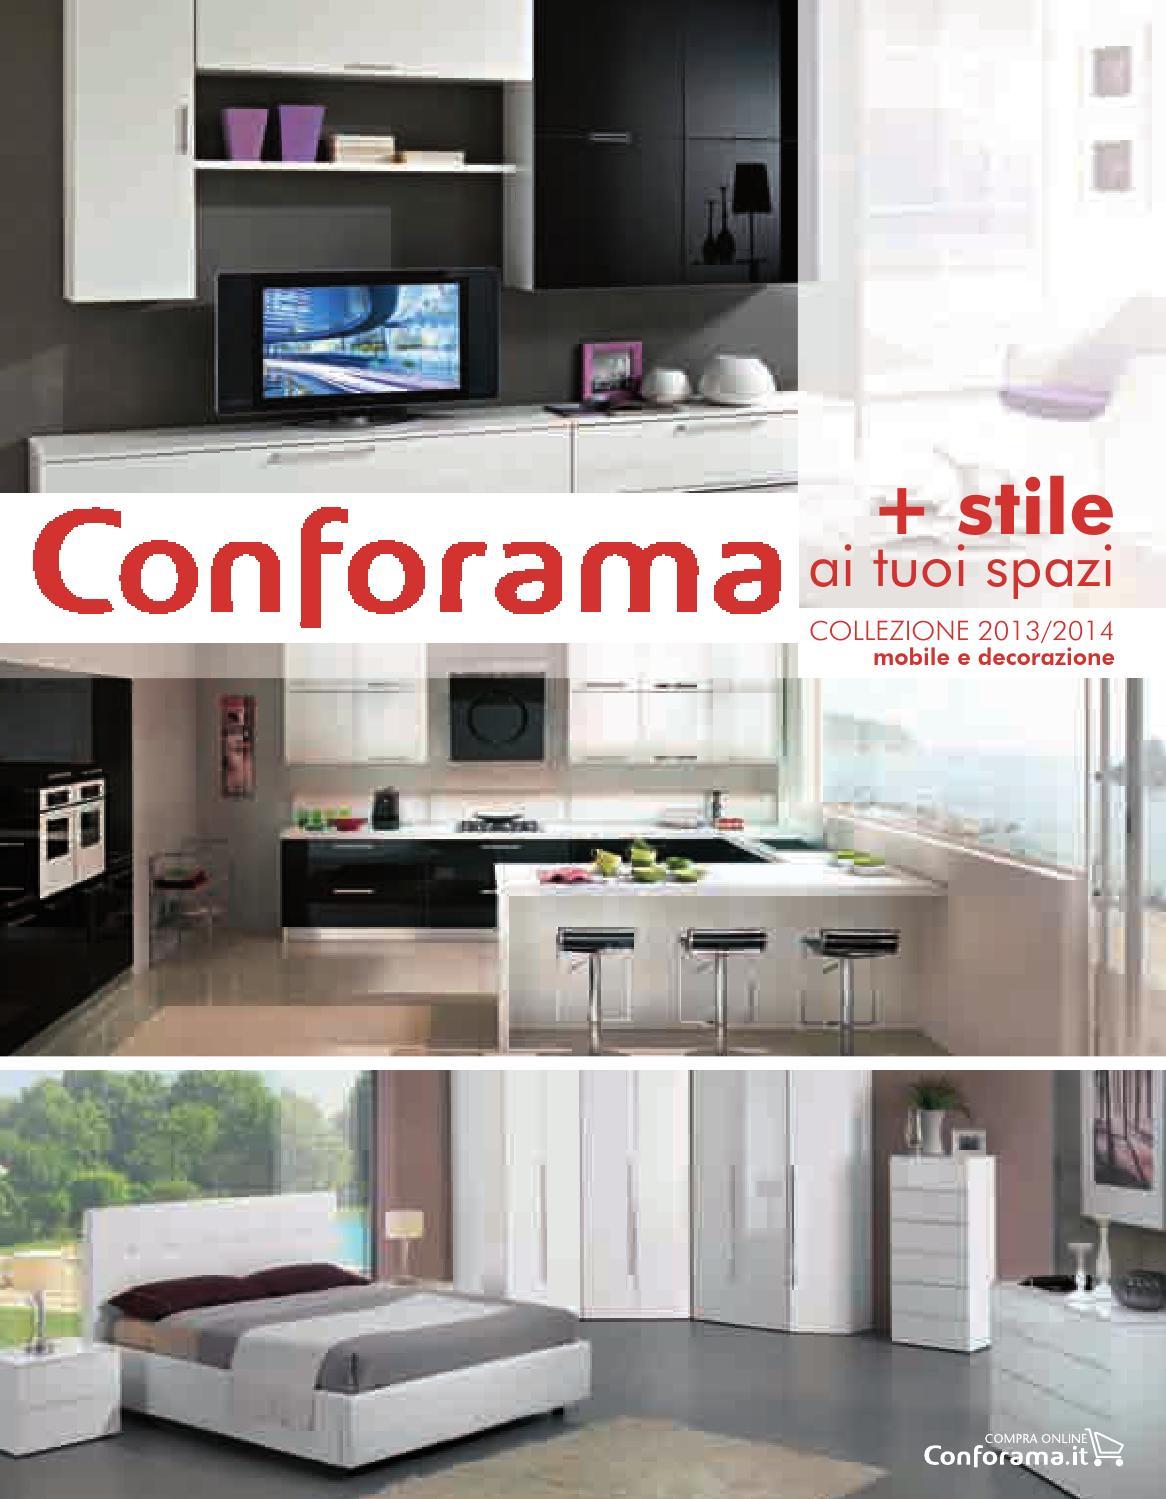 Conforama 31dic by fabrizio volante - issuu